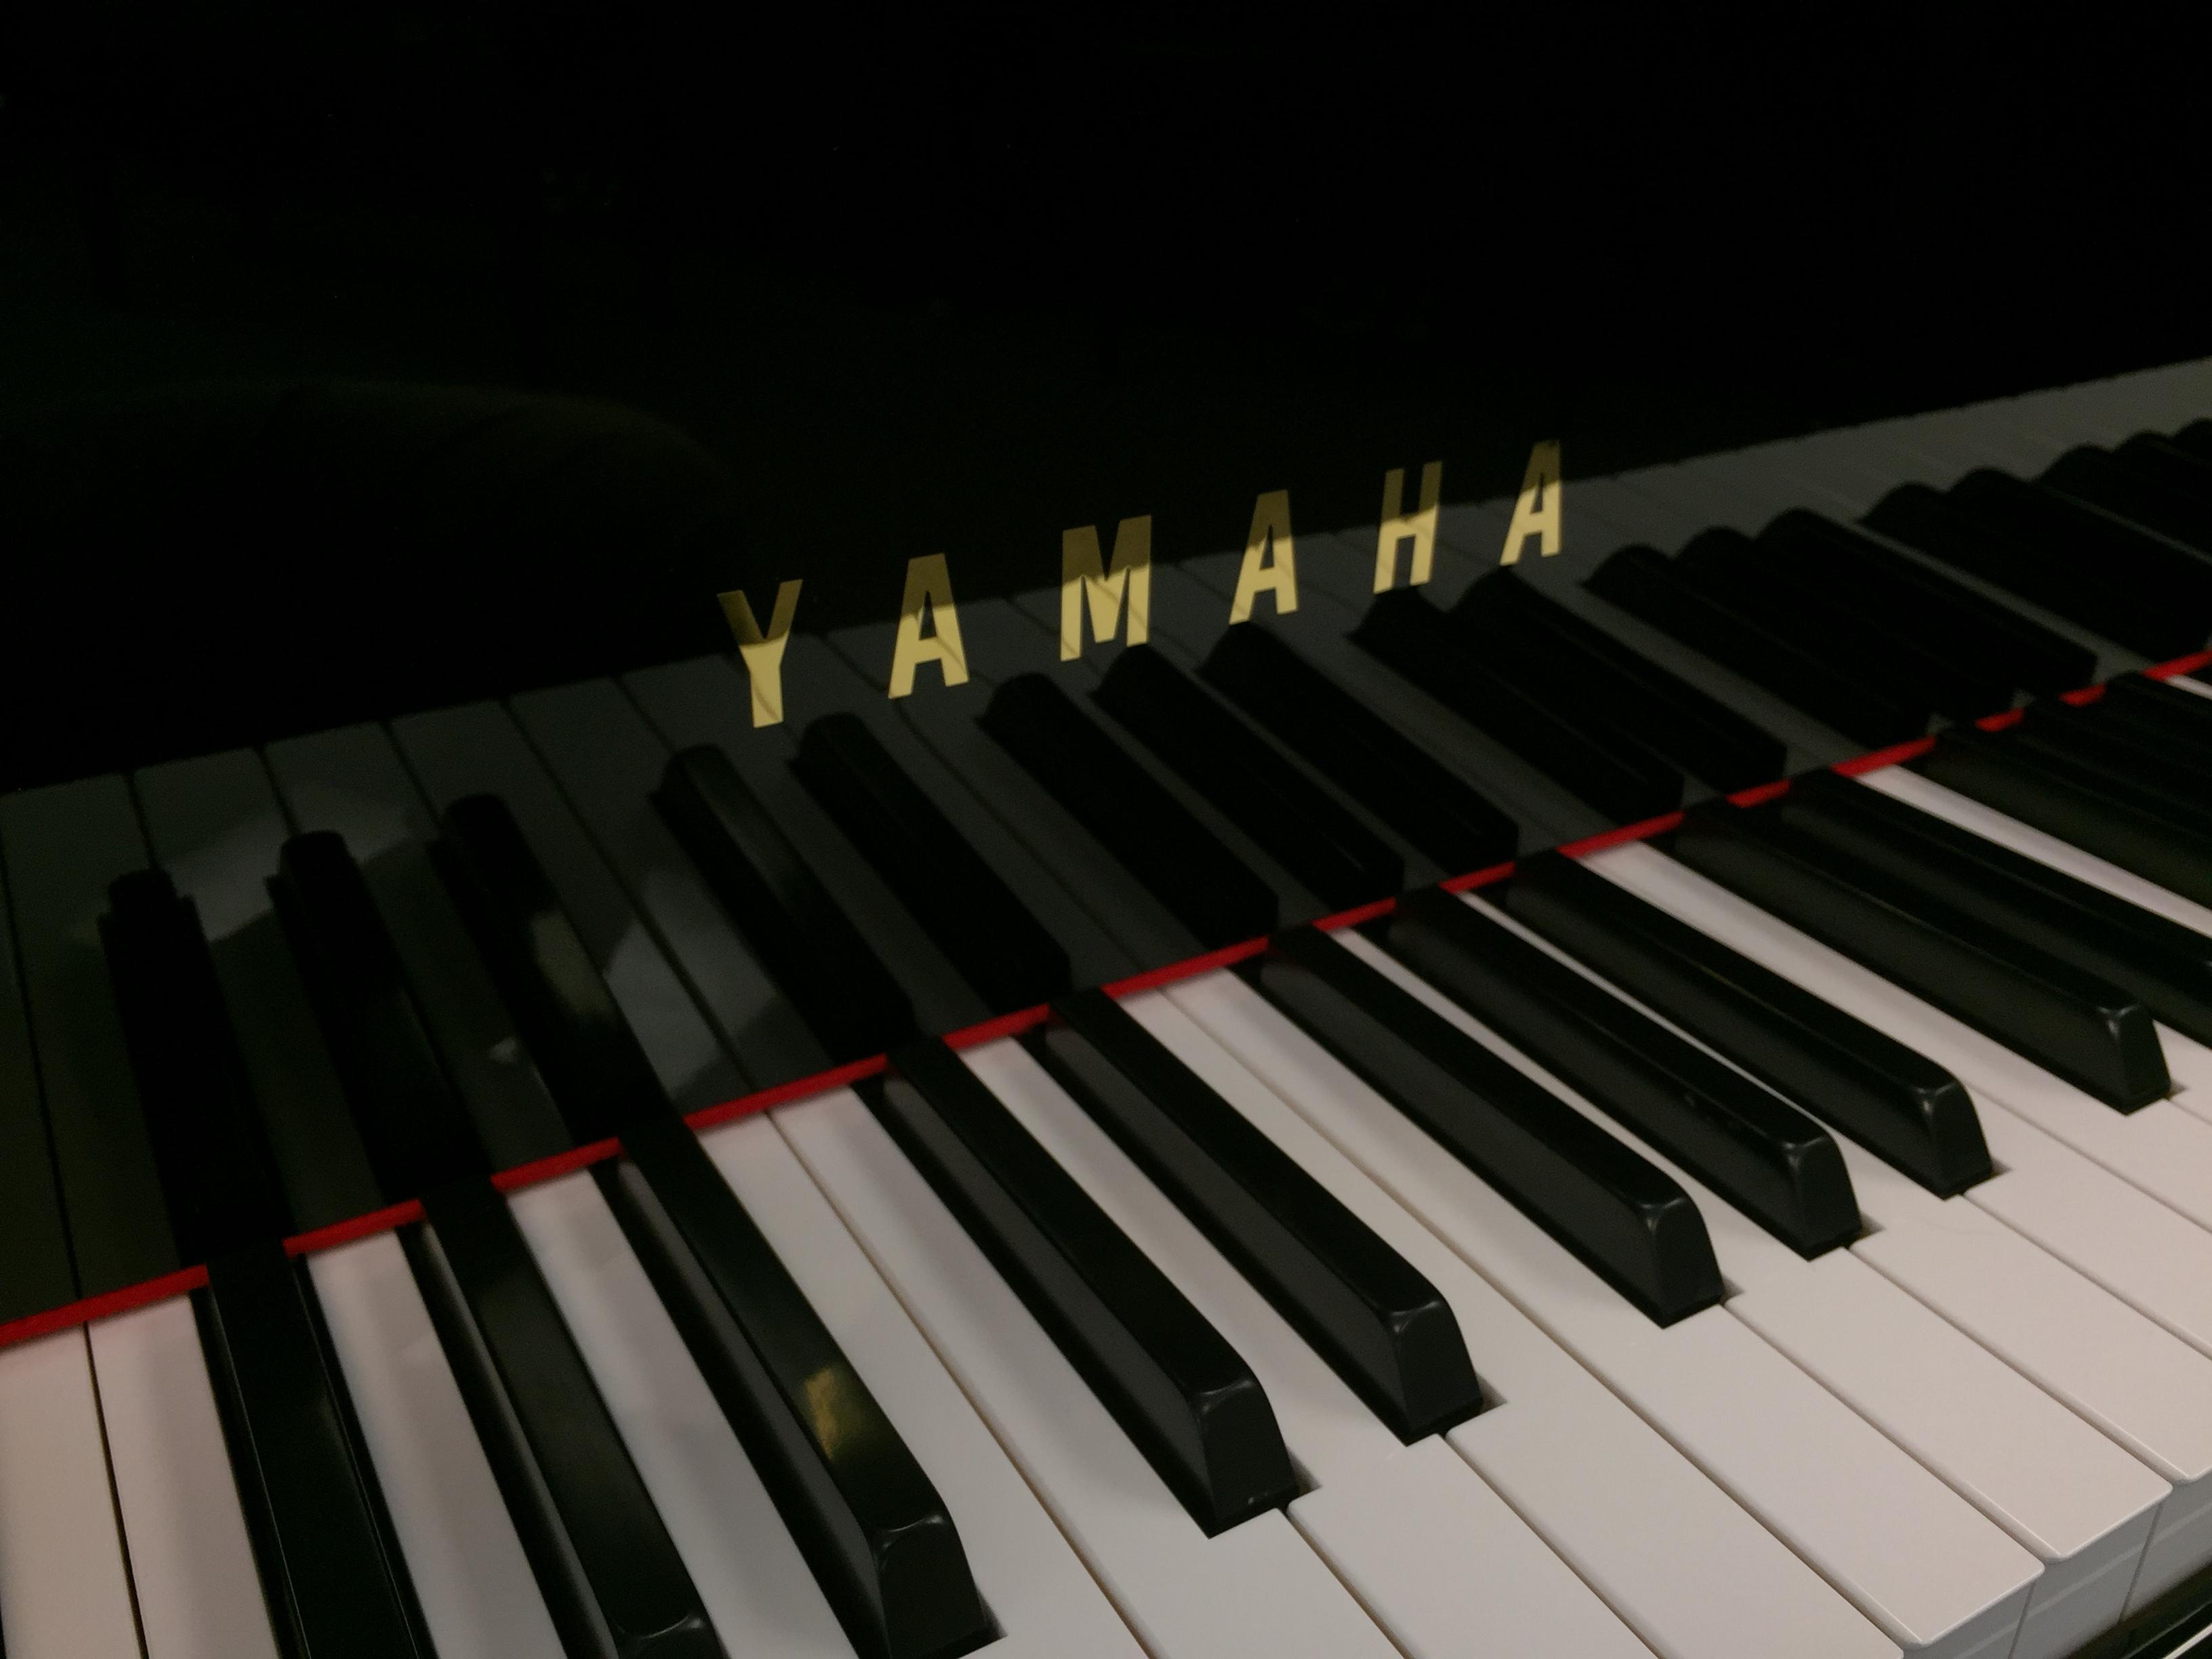 Yamaha Piano Front